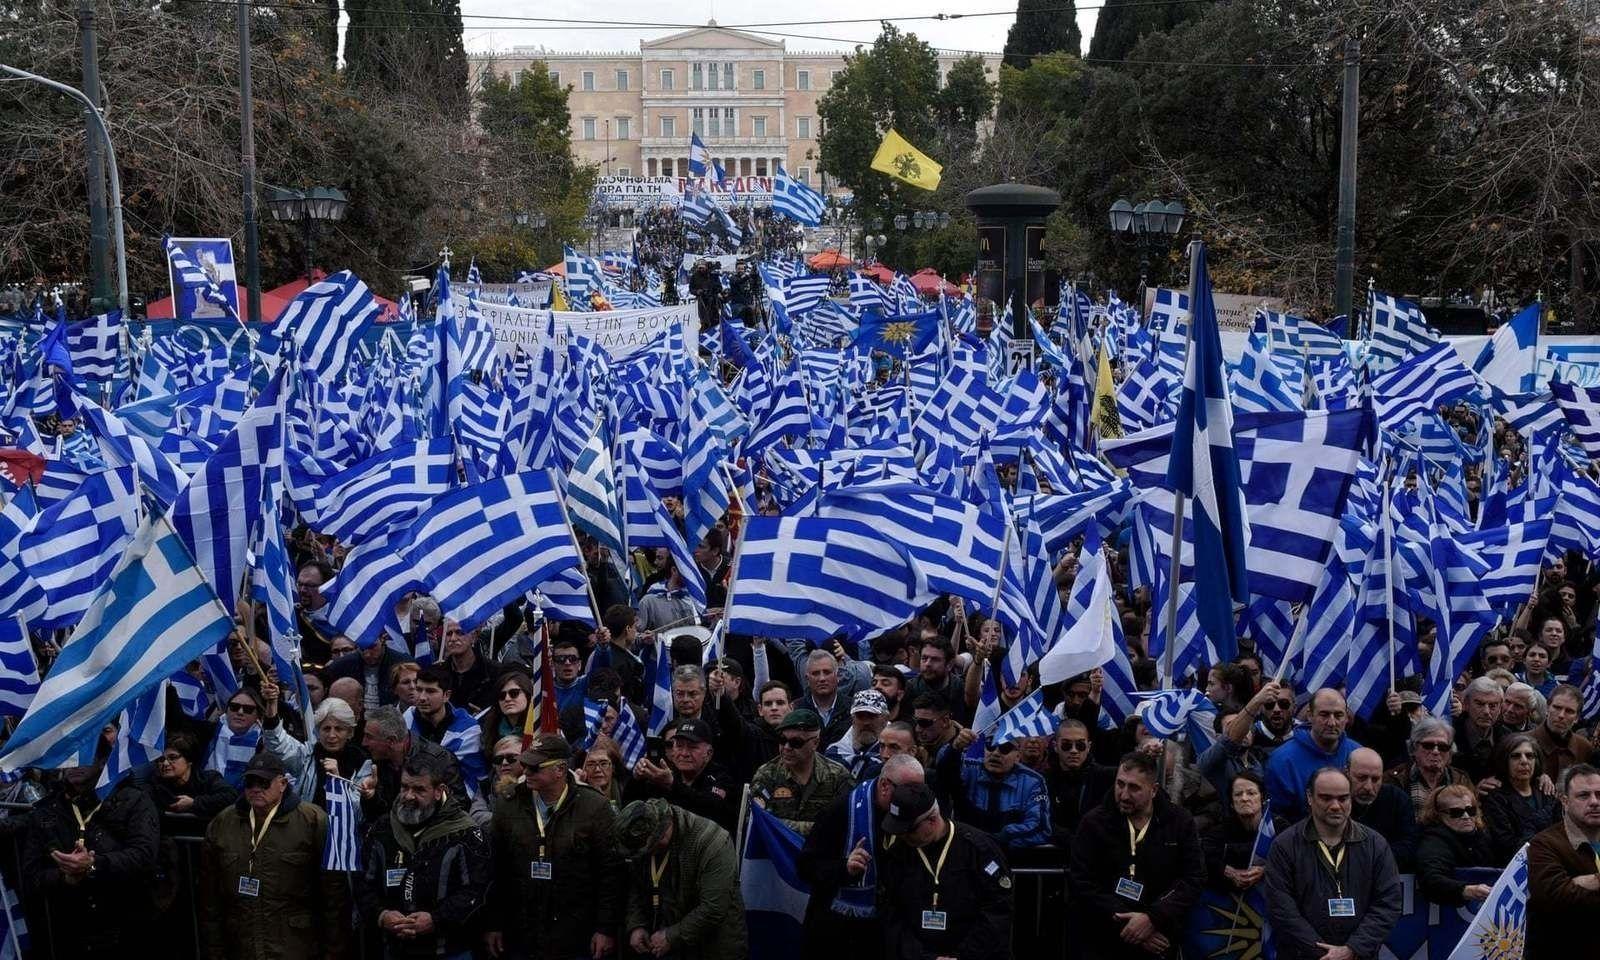 Македон улсын нэрний өөрчлөлтийг эсэргүүцэж, олон мянган Грекчүүд жагслаа